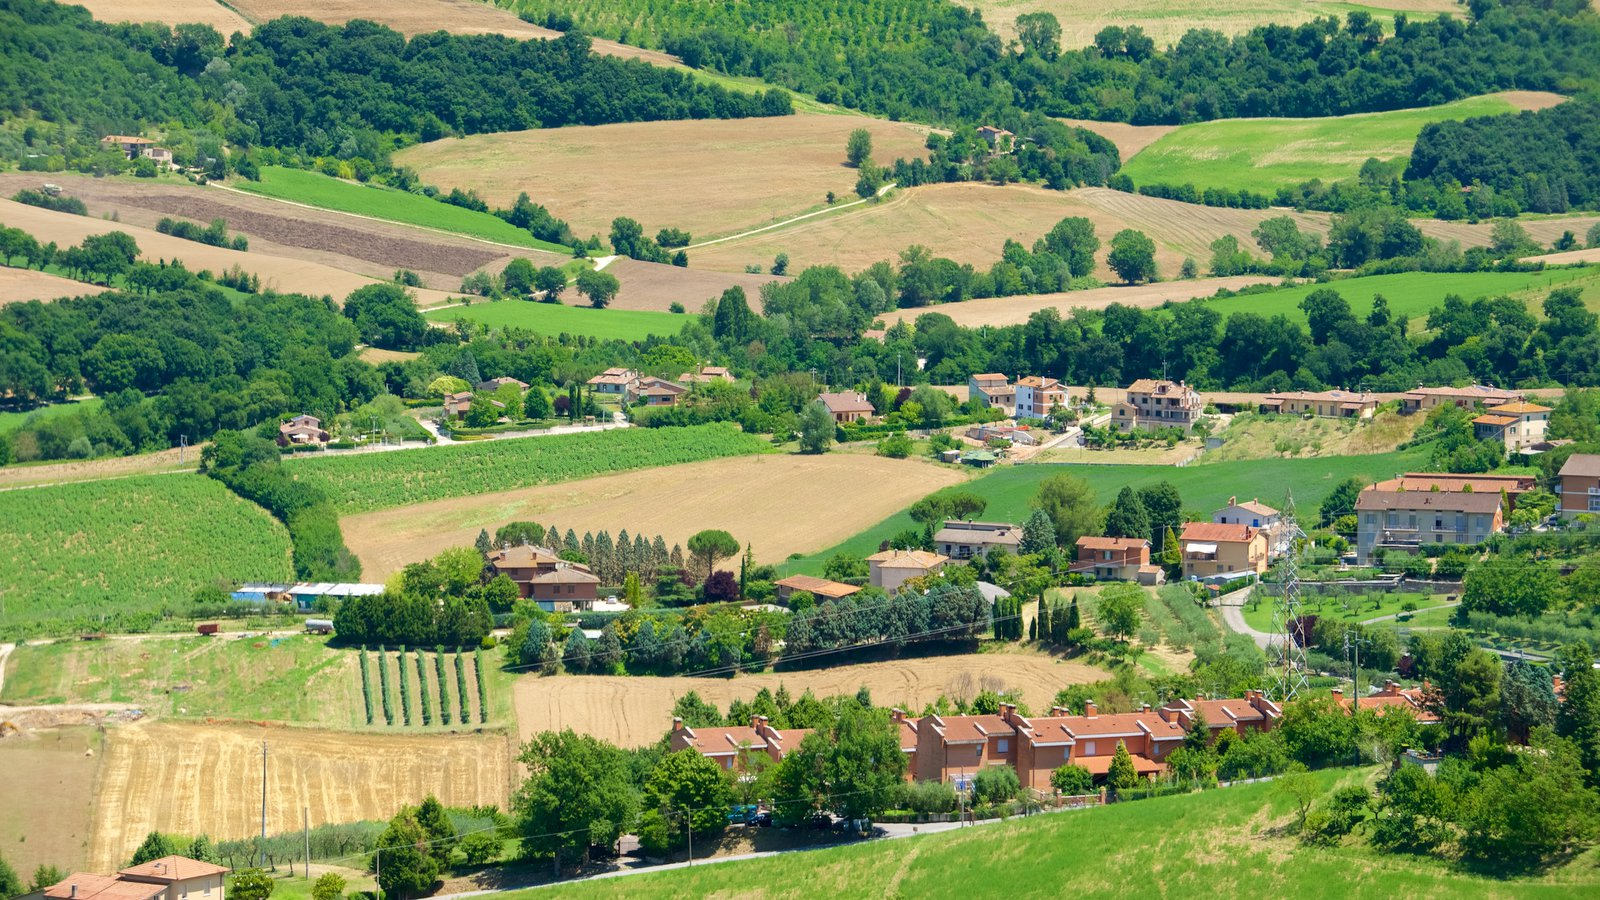 Todi que incluye una pequeña ciudad o pueblo y tierras de cultivo